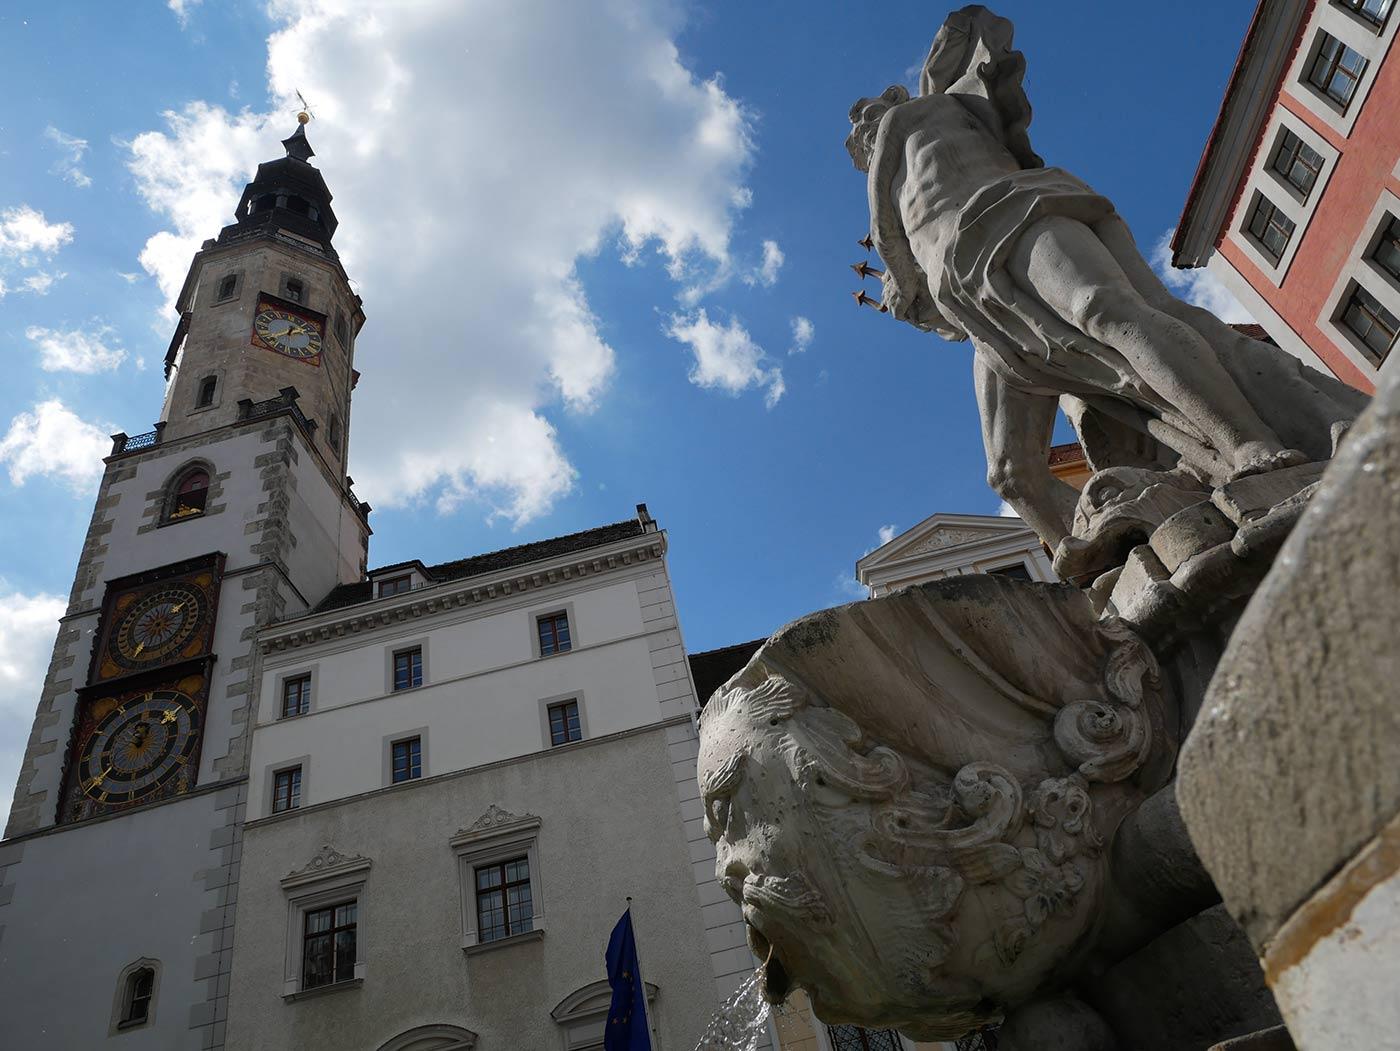 Rathausturm in Goerlitz